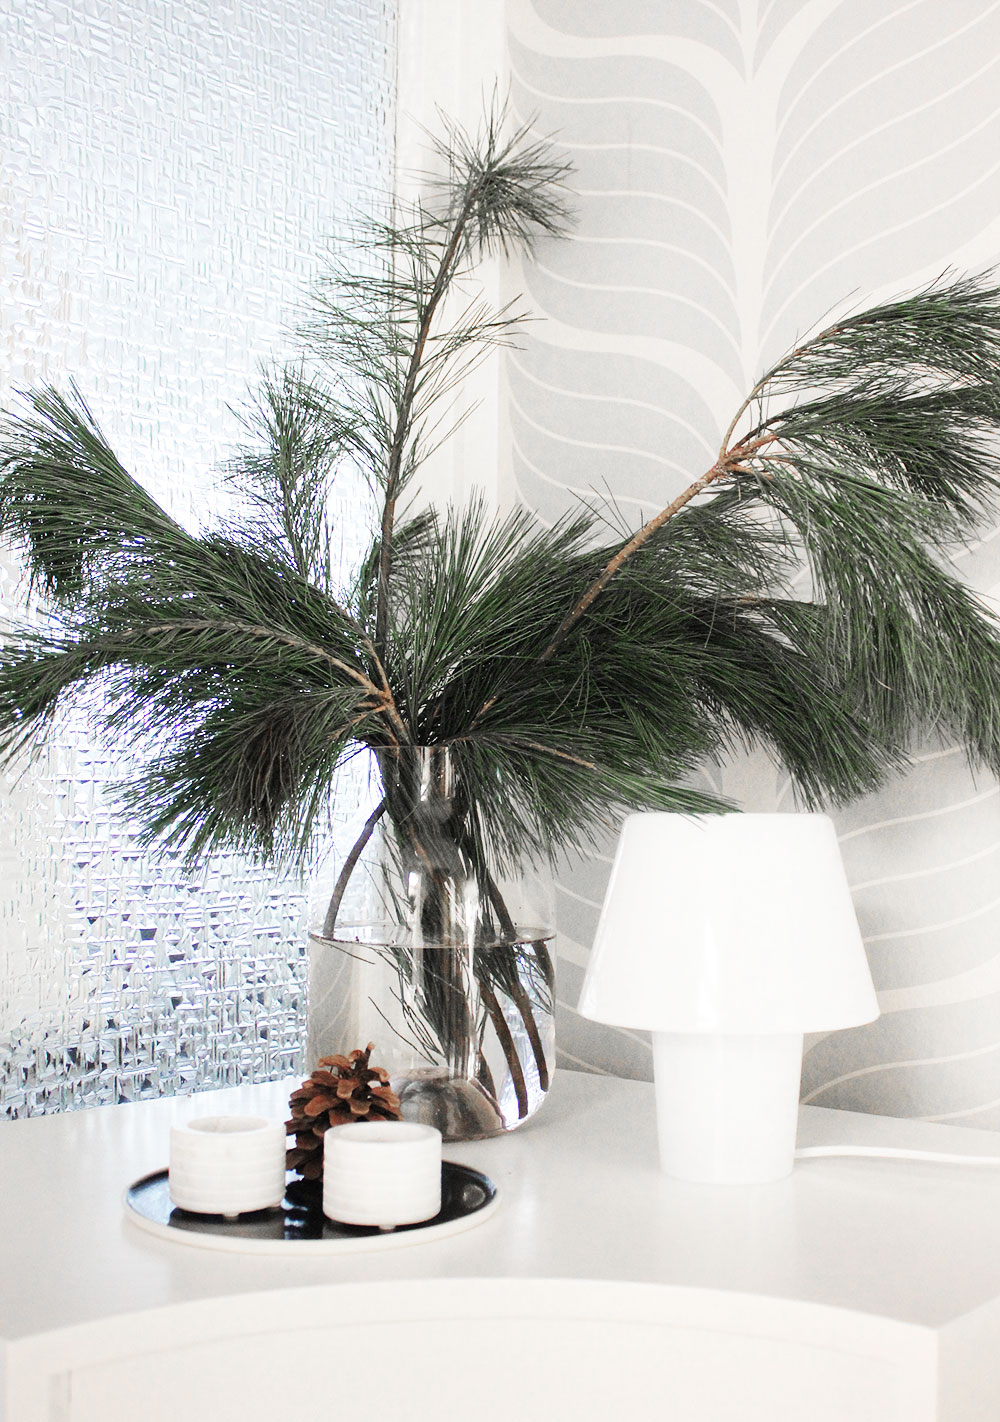 Winter-Weihnachtsdeko mit natürlichen Materialien: Kiefernzweig